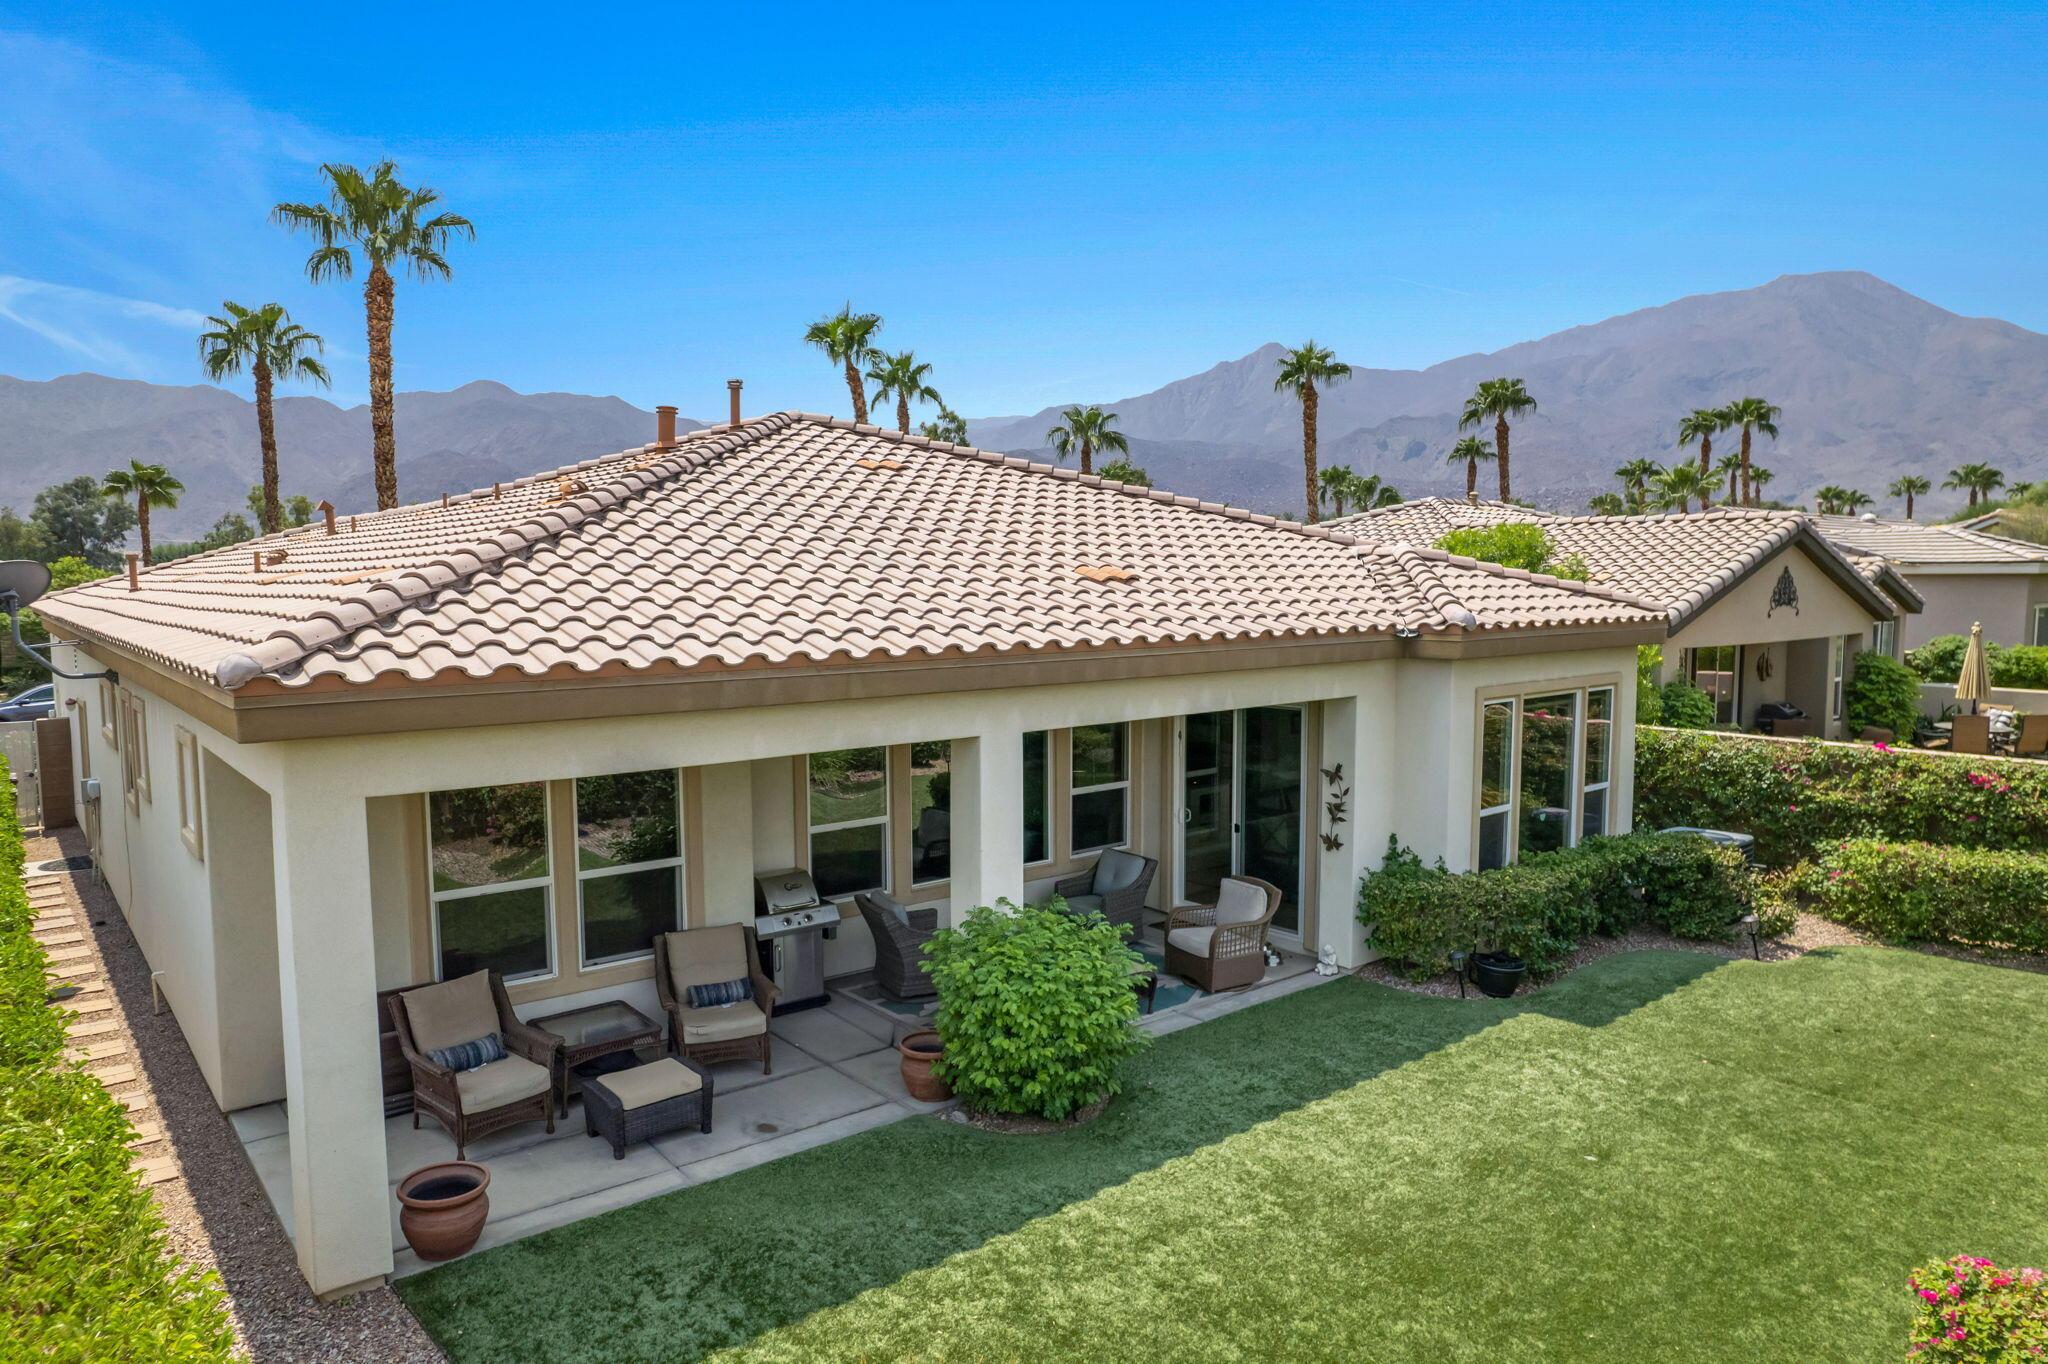 Photo of 81808 Rustic Canyon Drive, La Quinta, CA 92253